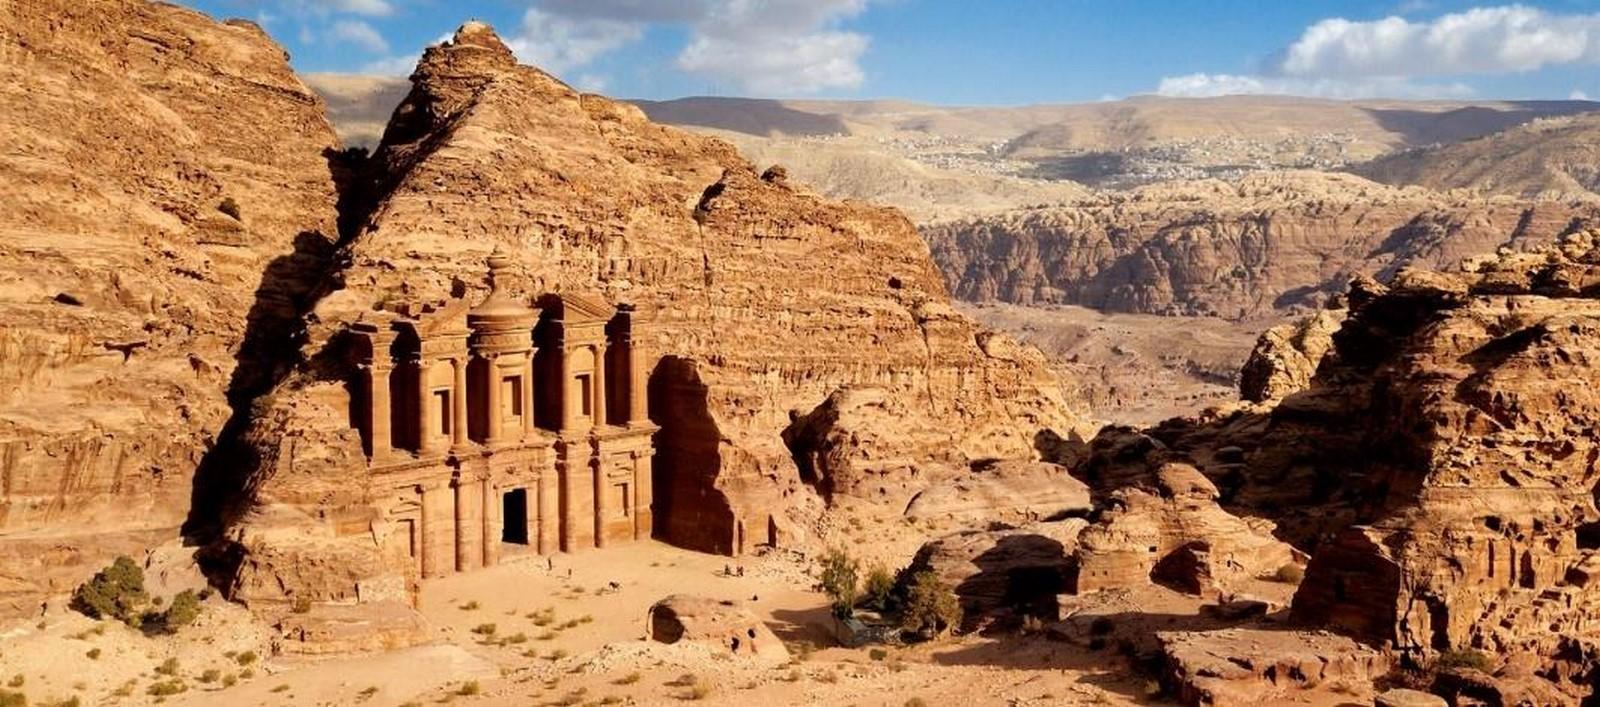 Petra, Jordan - Sheet1